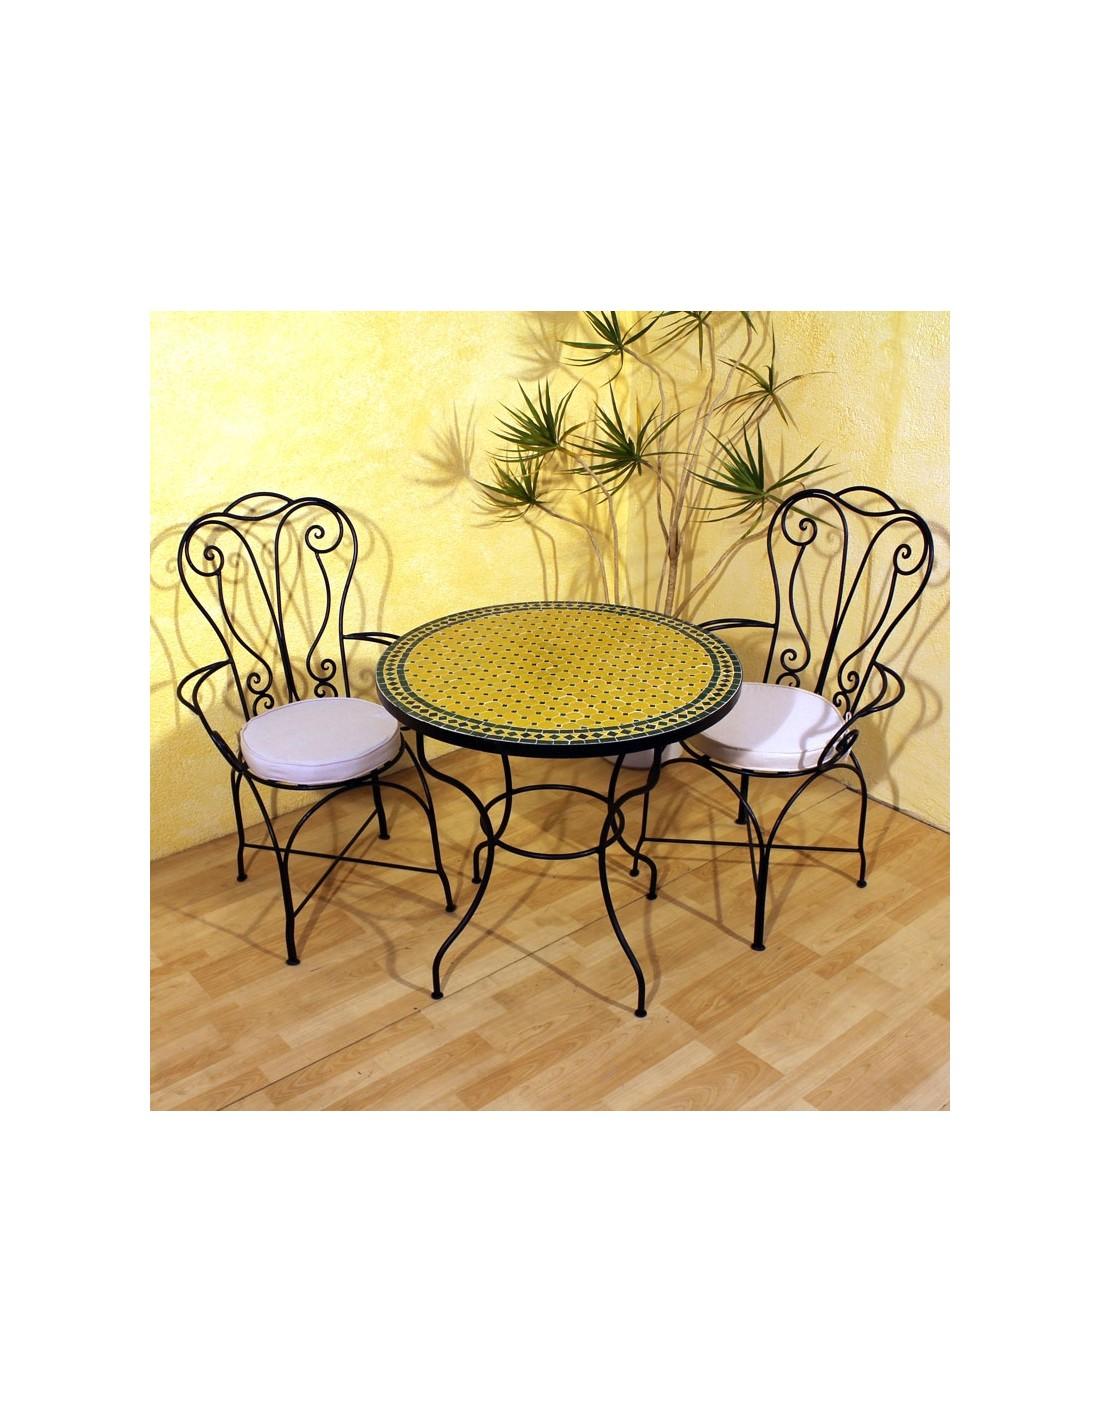 mosaiktisch anuk 80cm rund marke albena marokko galerie. Black Bedroom Furniture Sets. Home Design Ideas